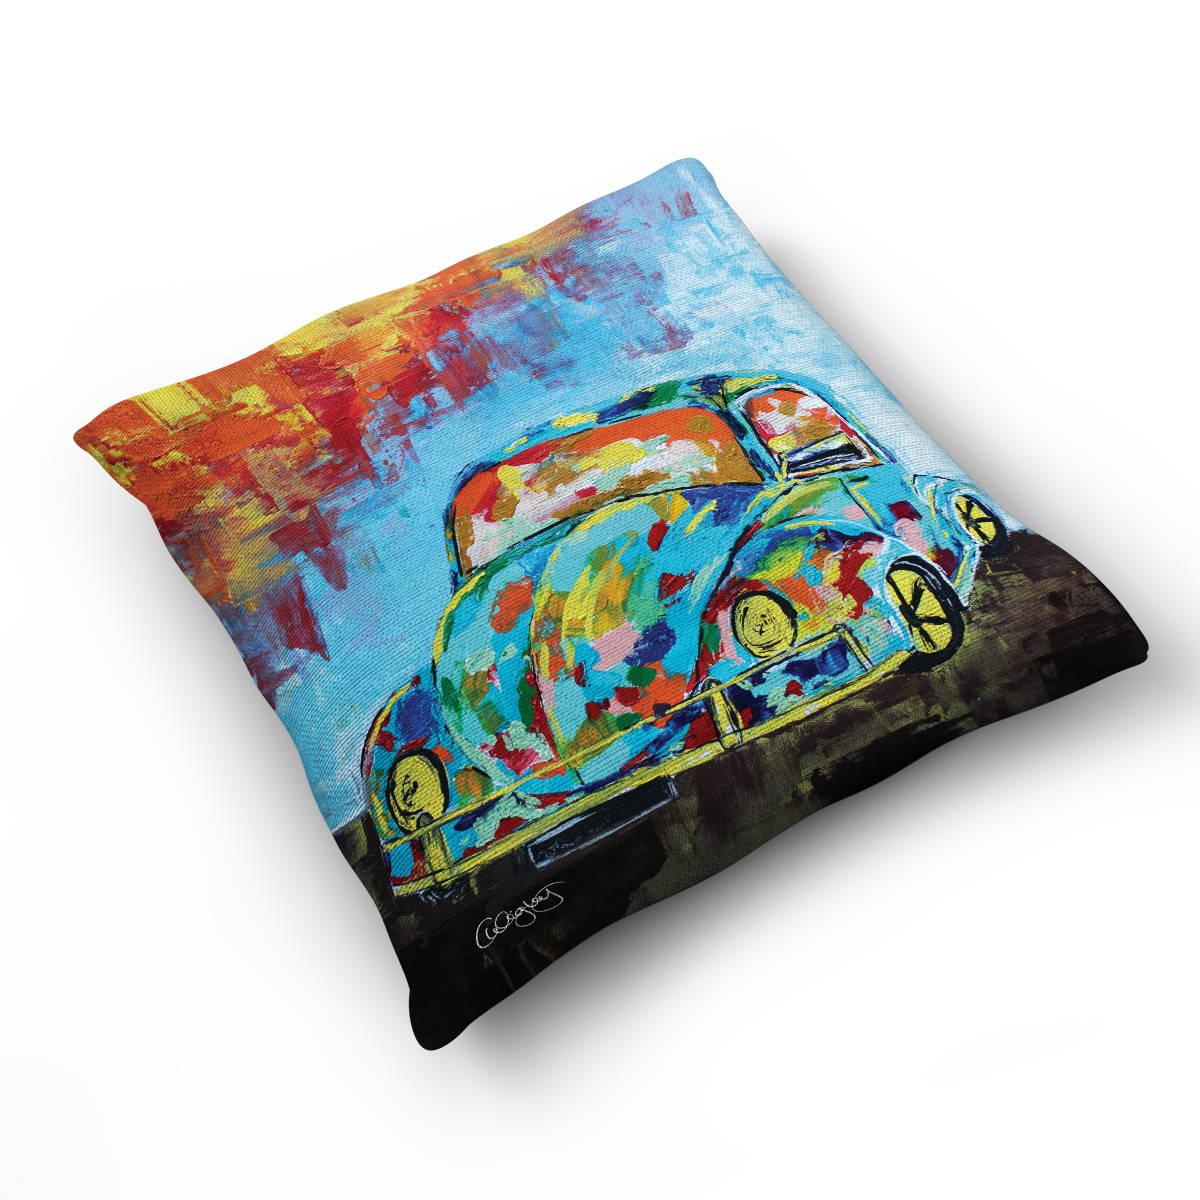 Cushion By Cheryl Wigley